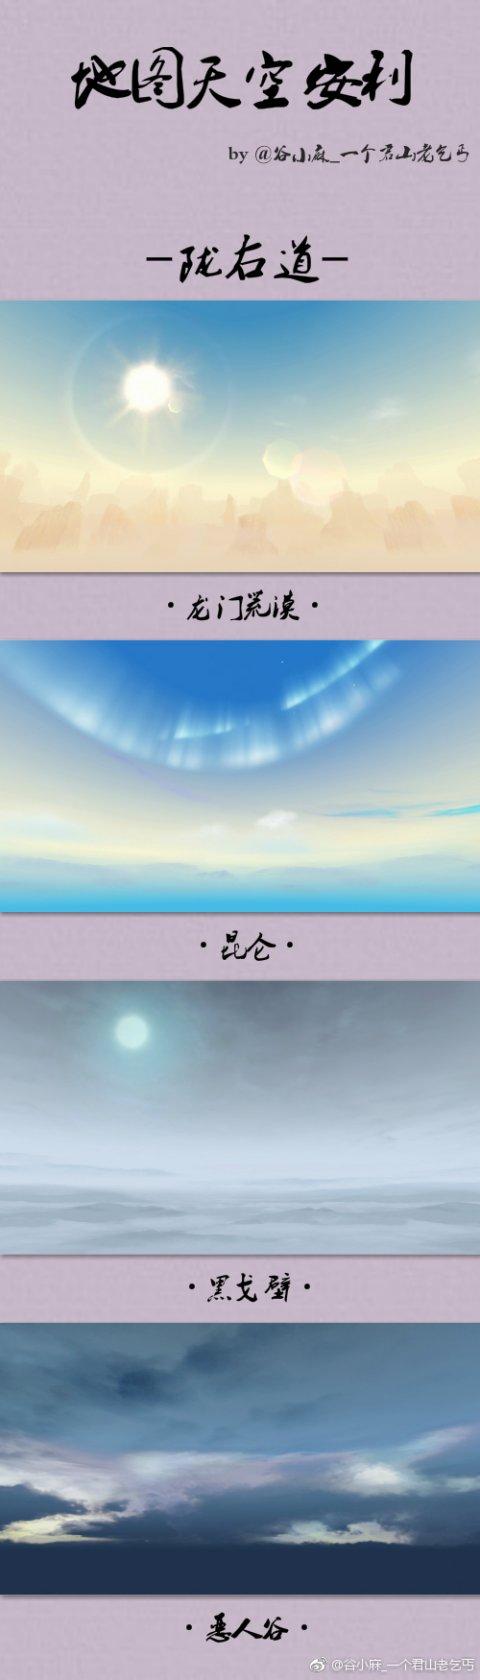 天空合集 (1).jpg